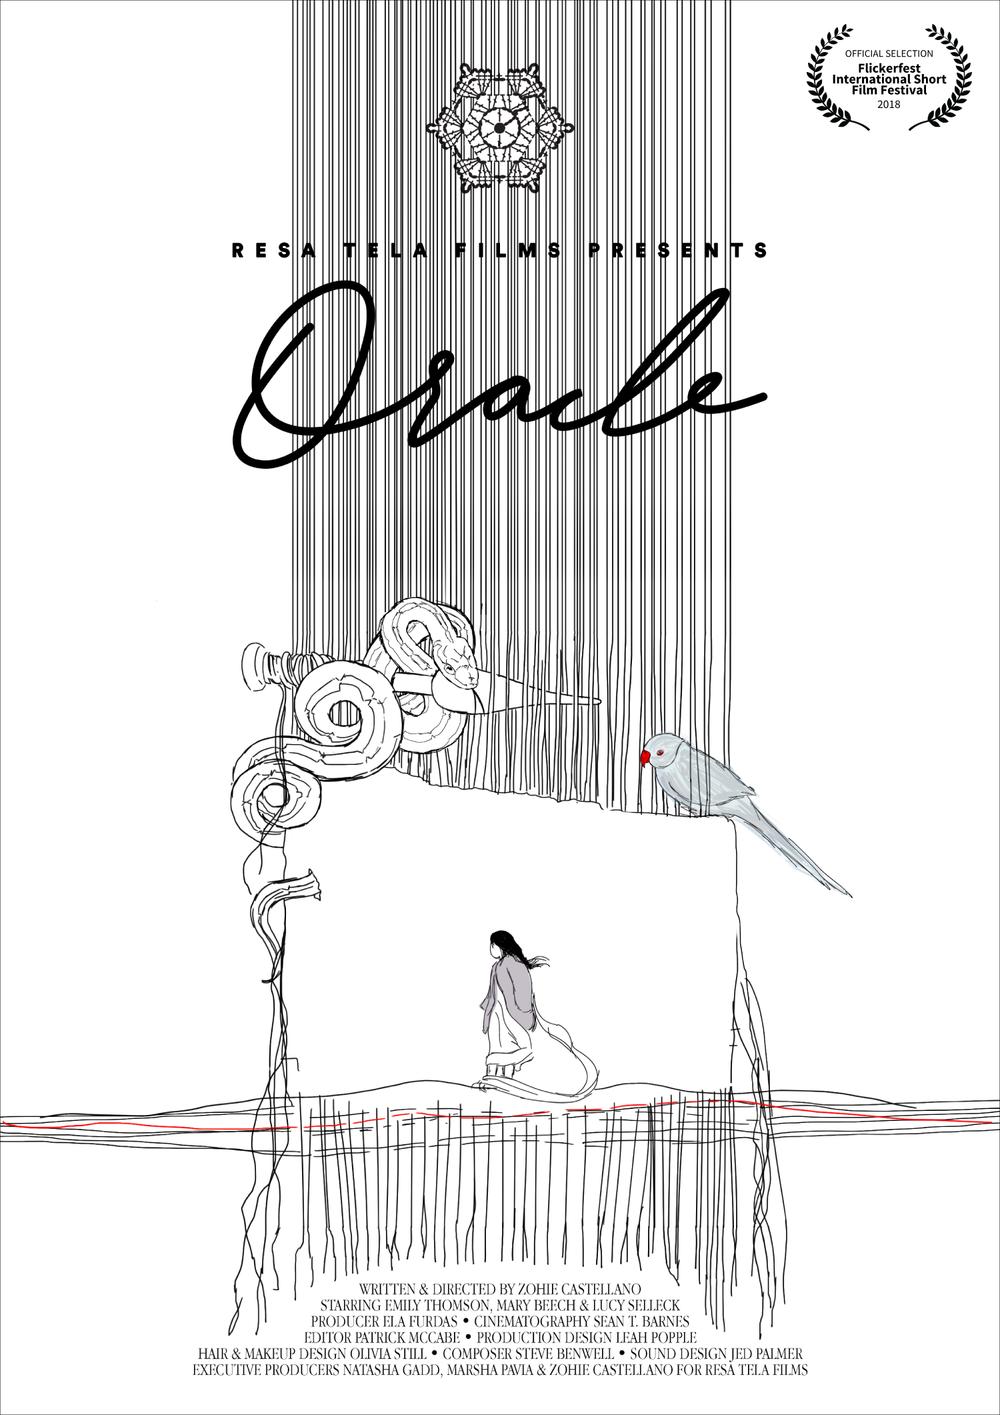 Oracle_poster-art-web-resa-tela-films.png